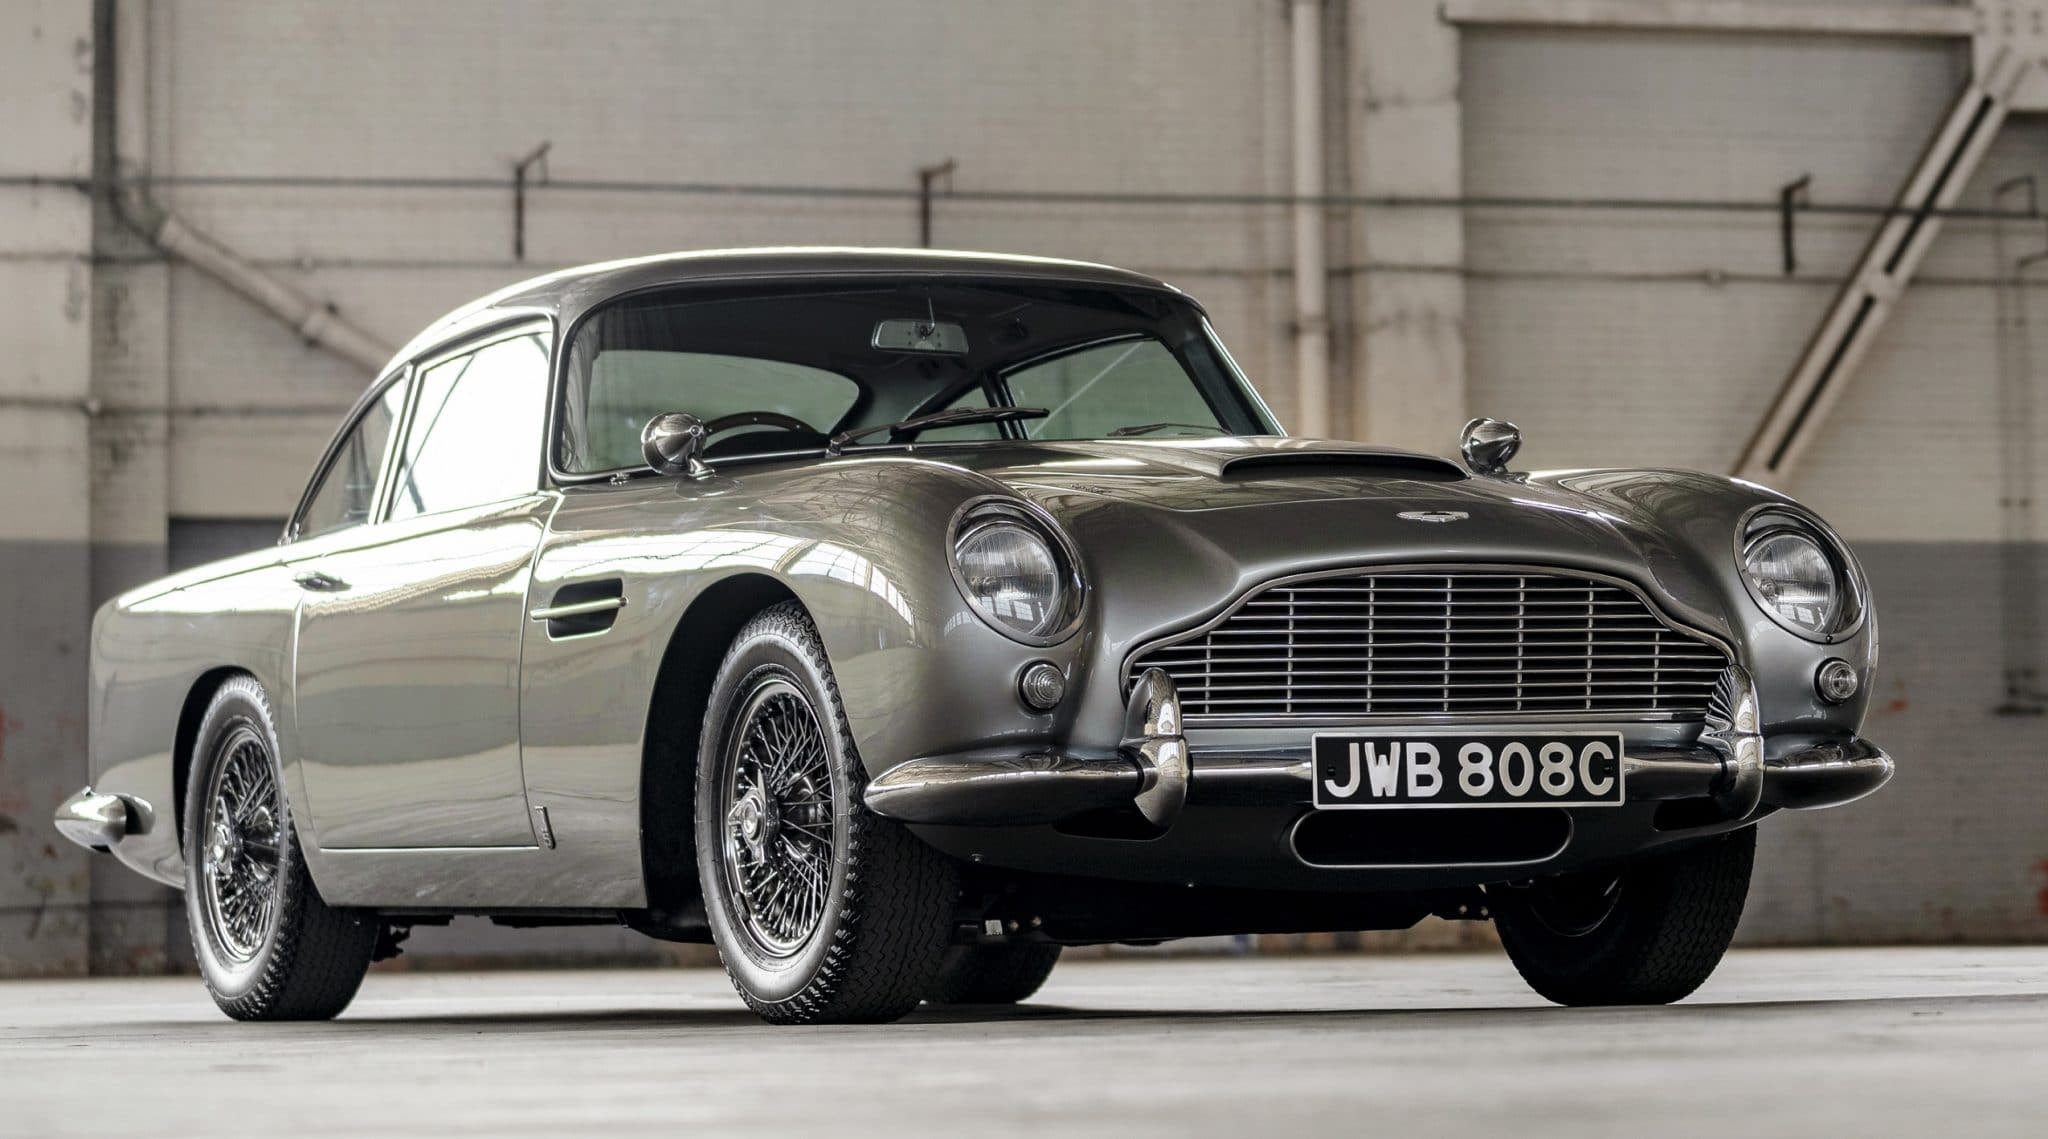 Plus belles voitures du monde - Aston Martin DB5